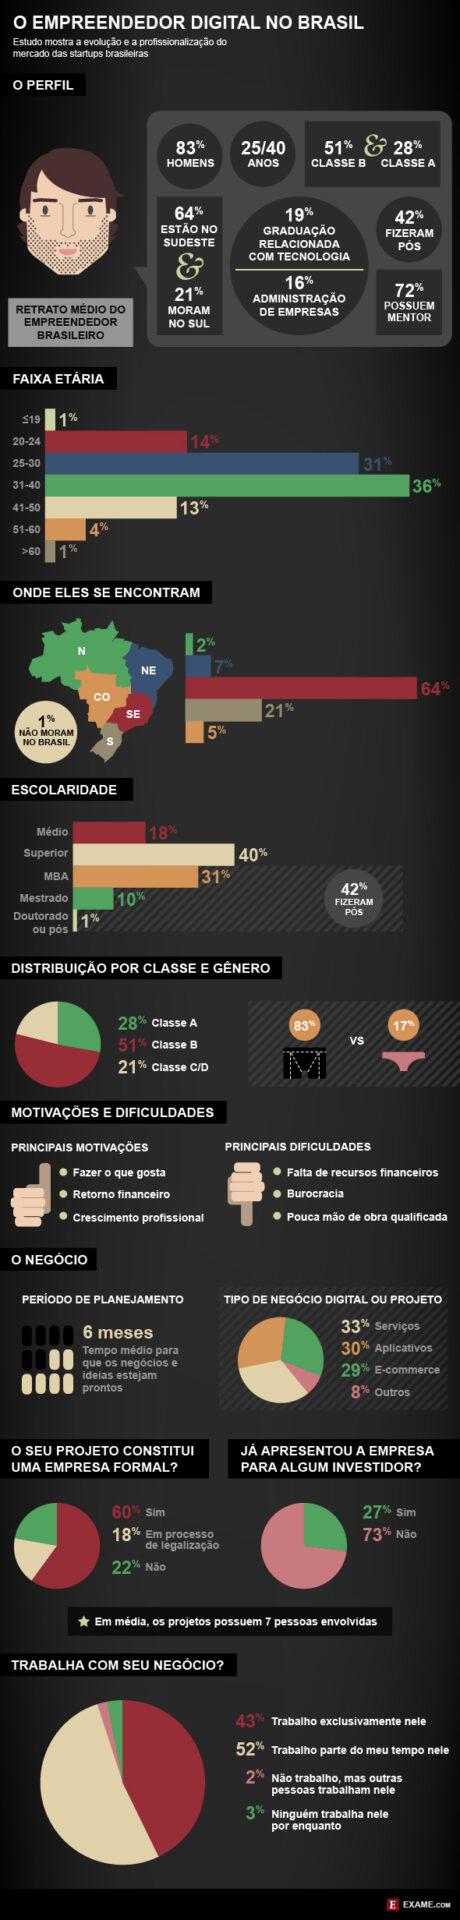 Afinal, qual é o perfil do empreendedor digital brasileiro?